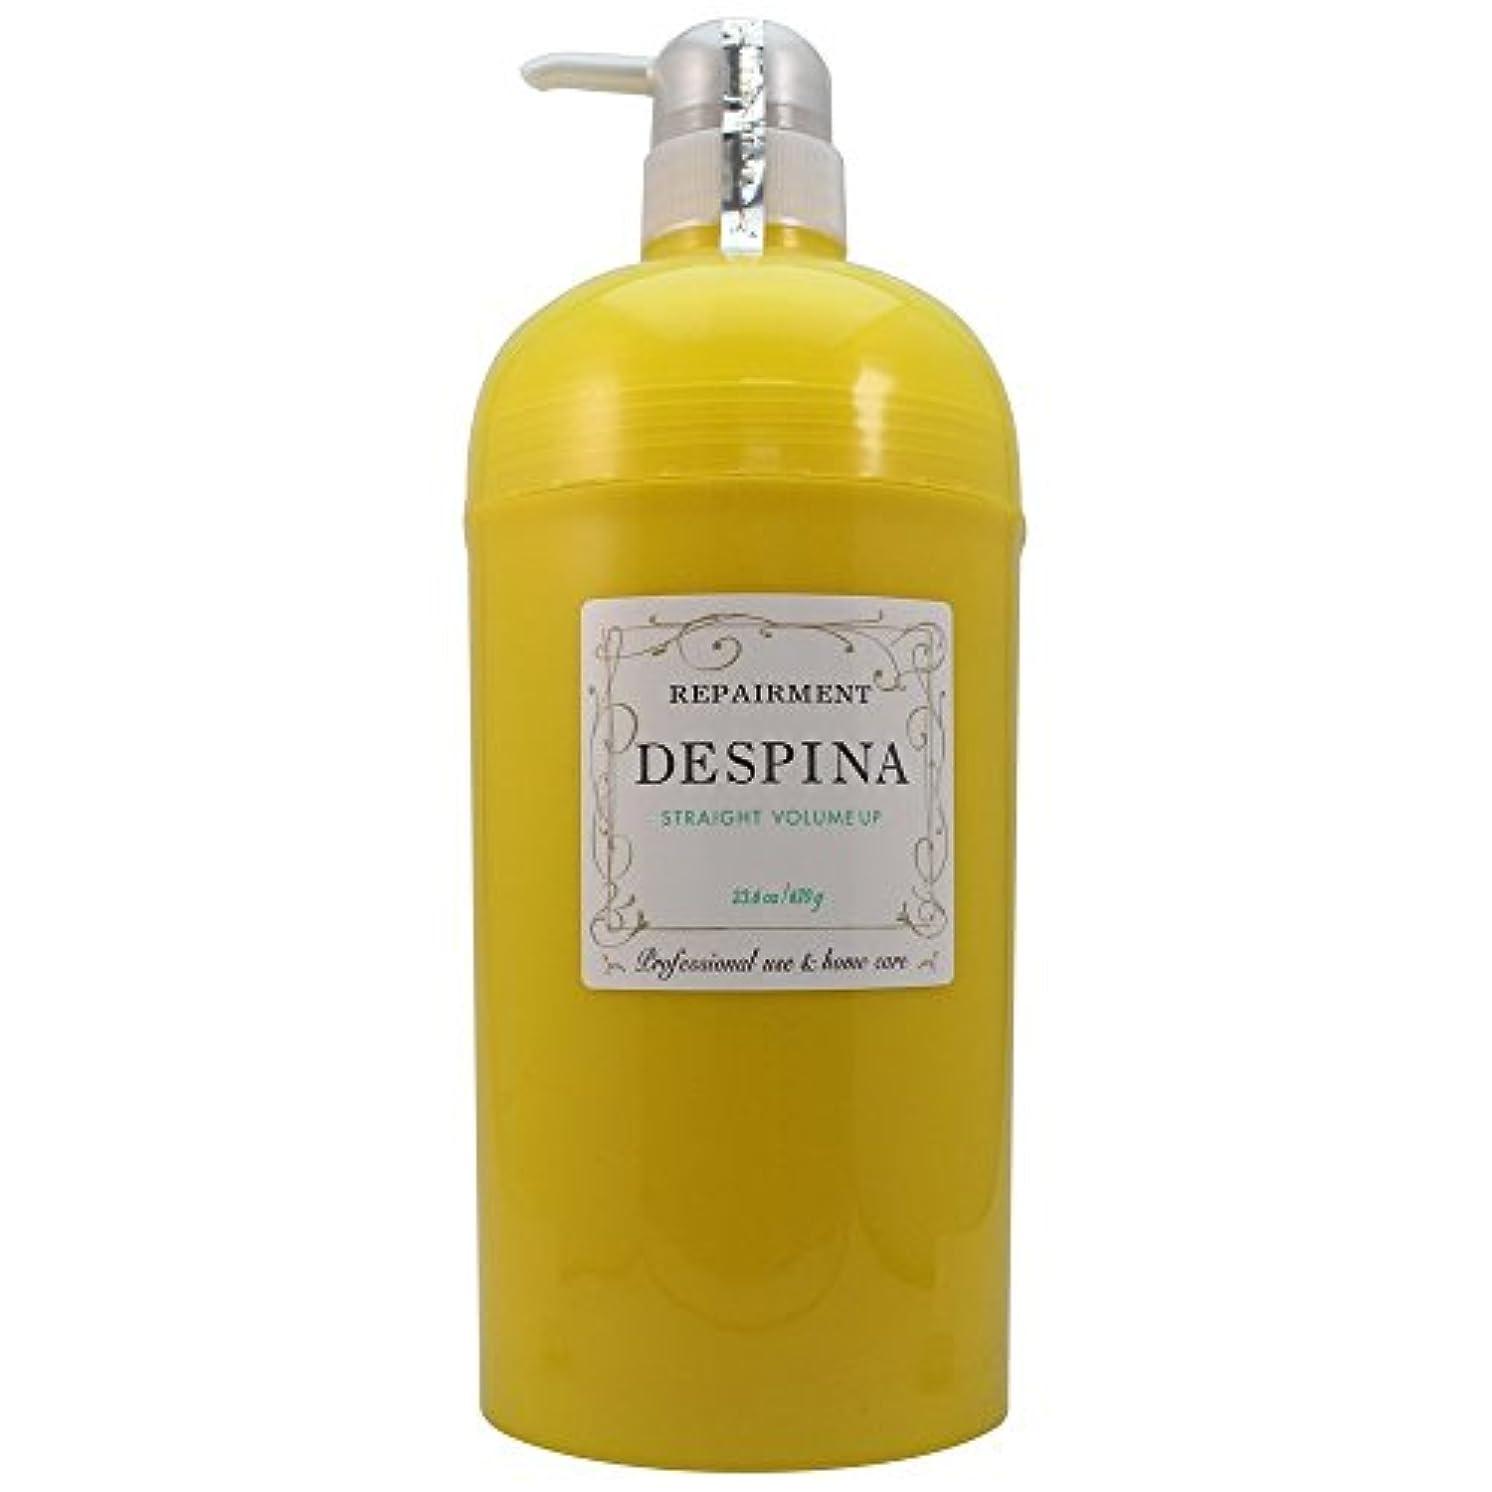 甘くする彼合計中野製薬 デスピナ リペアメント ストレート ボリュームアップ 670g